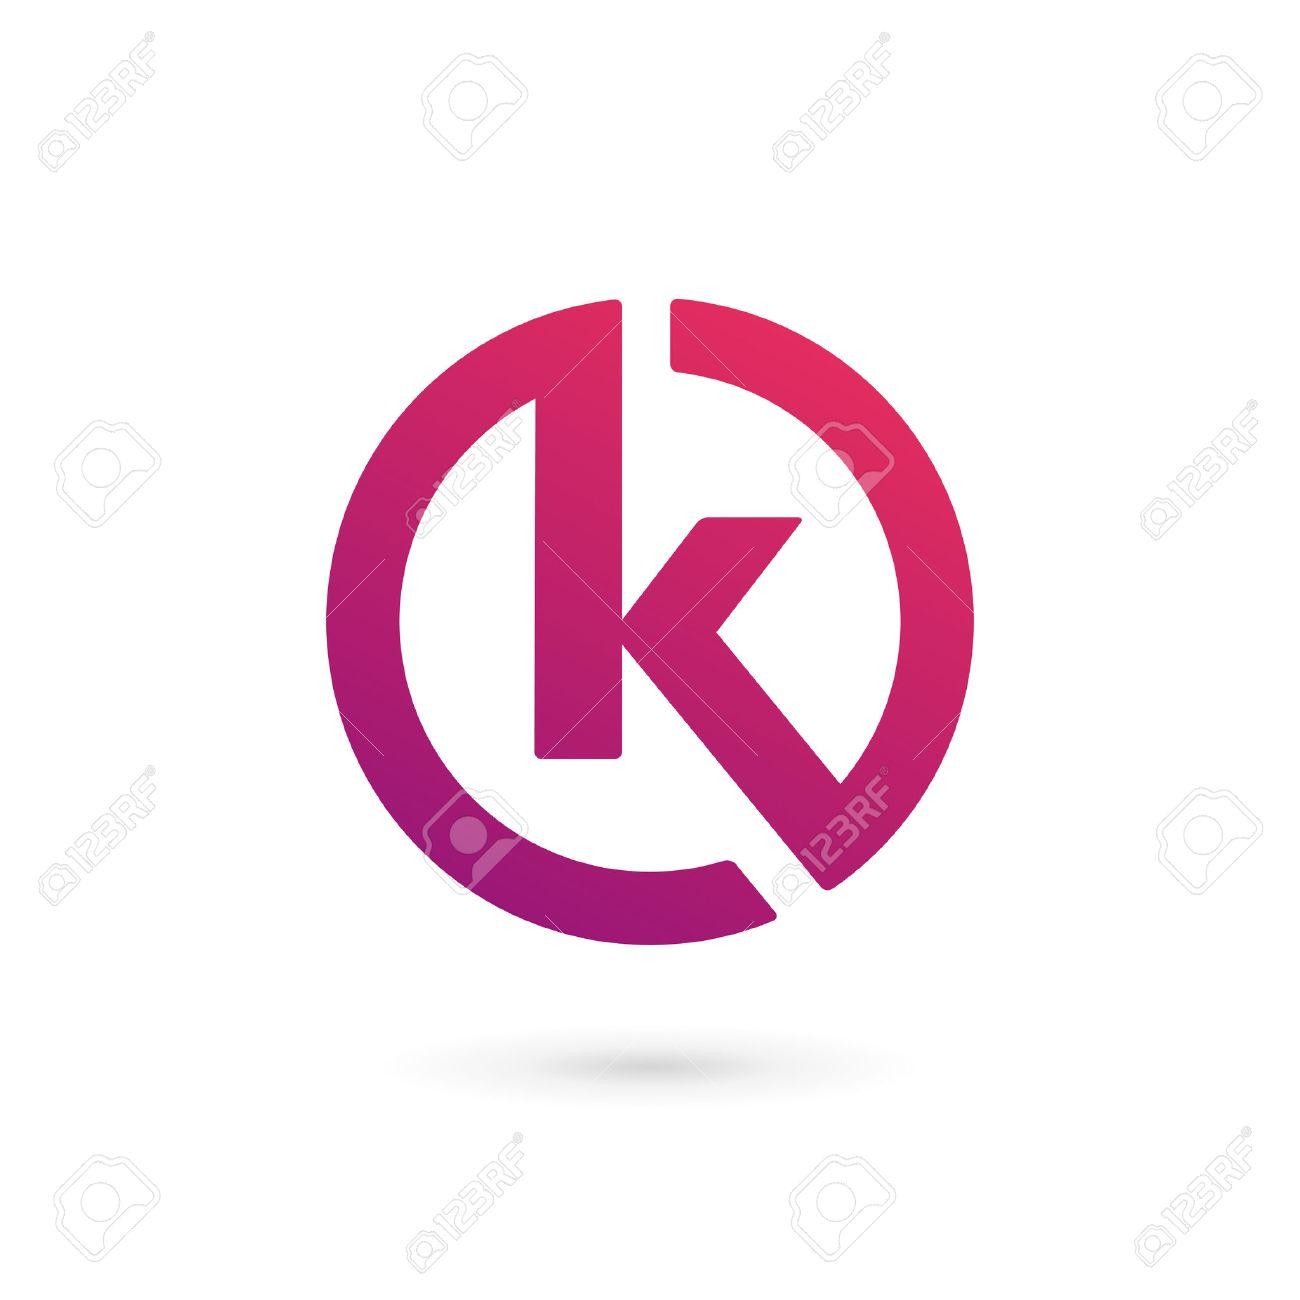 K Logo Free Vector Art  30058 Free Downloads  Vecteezy